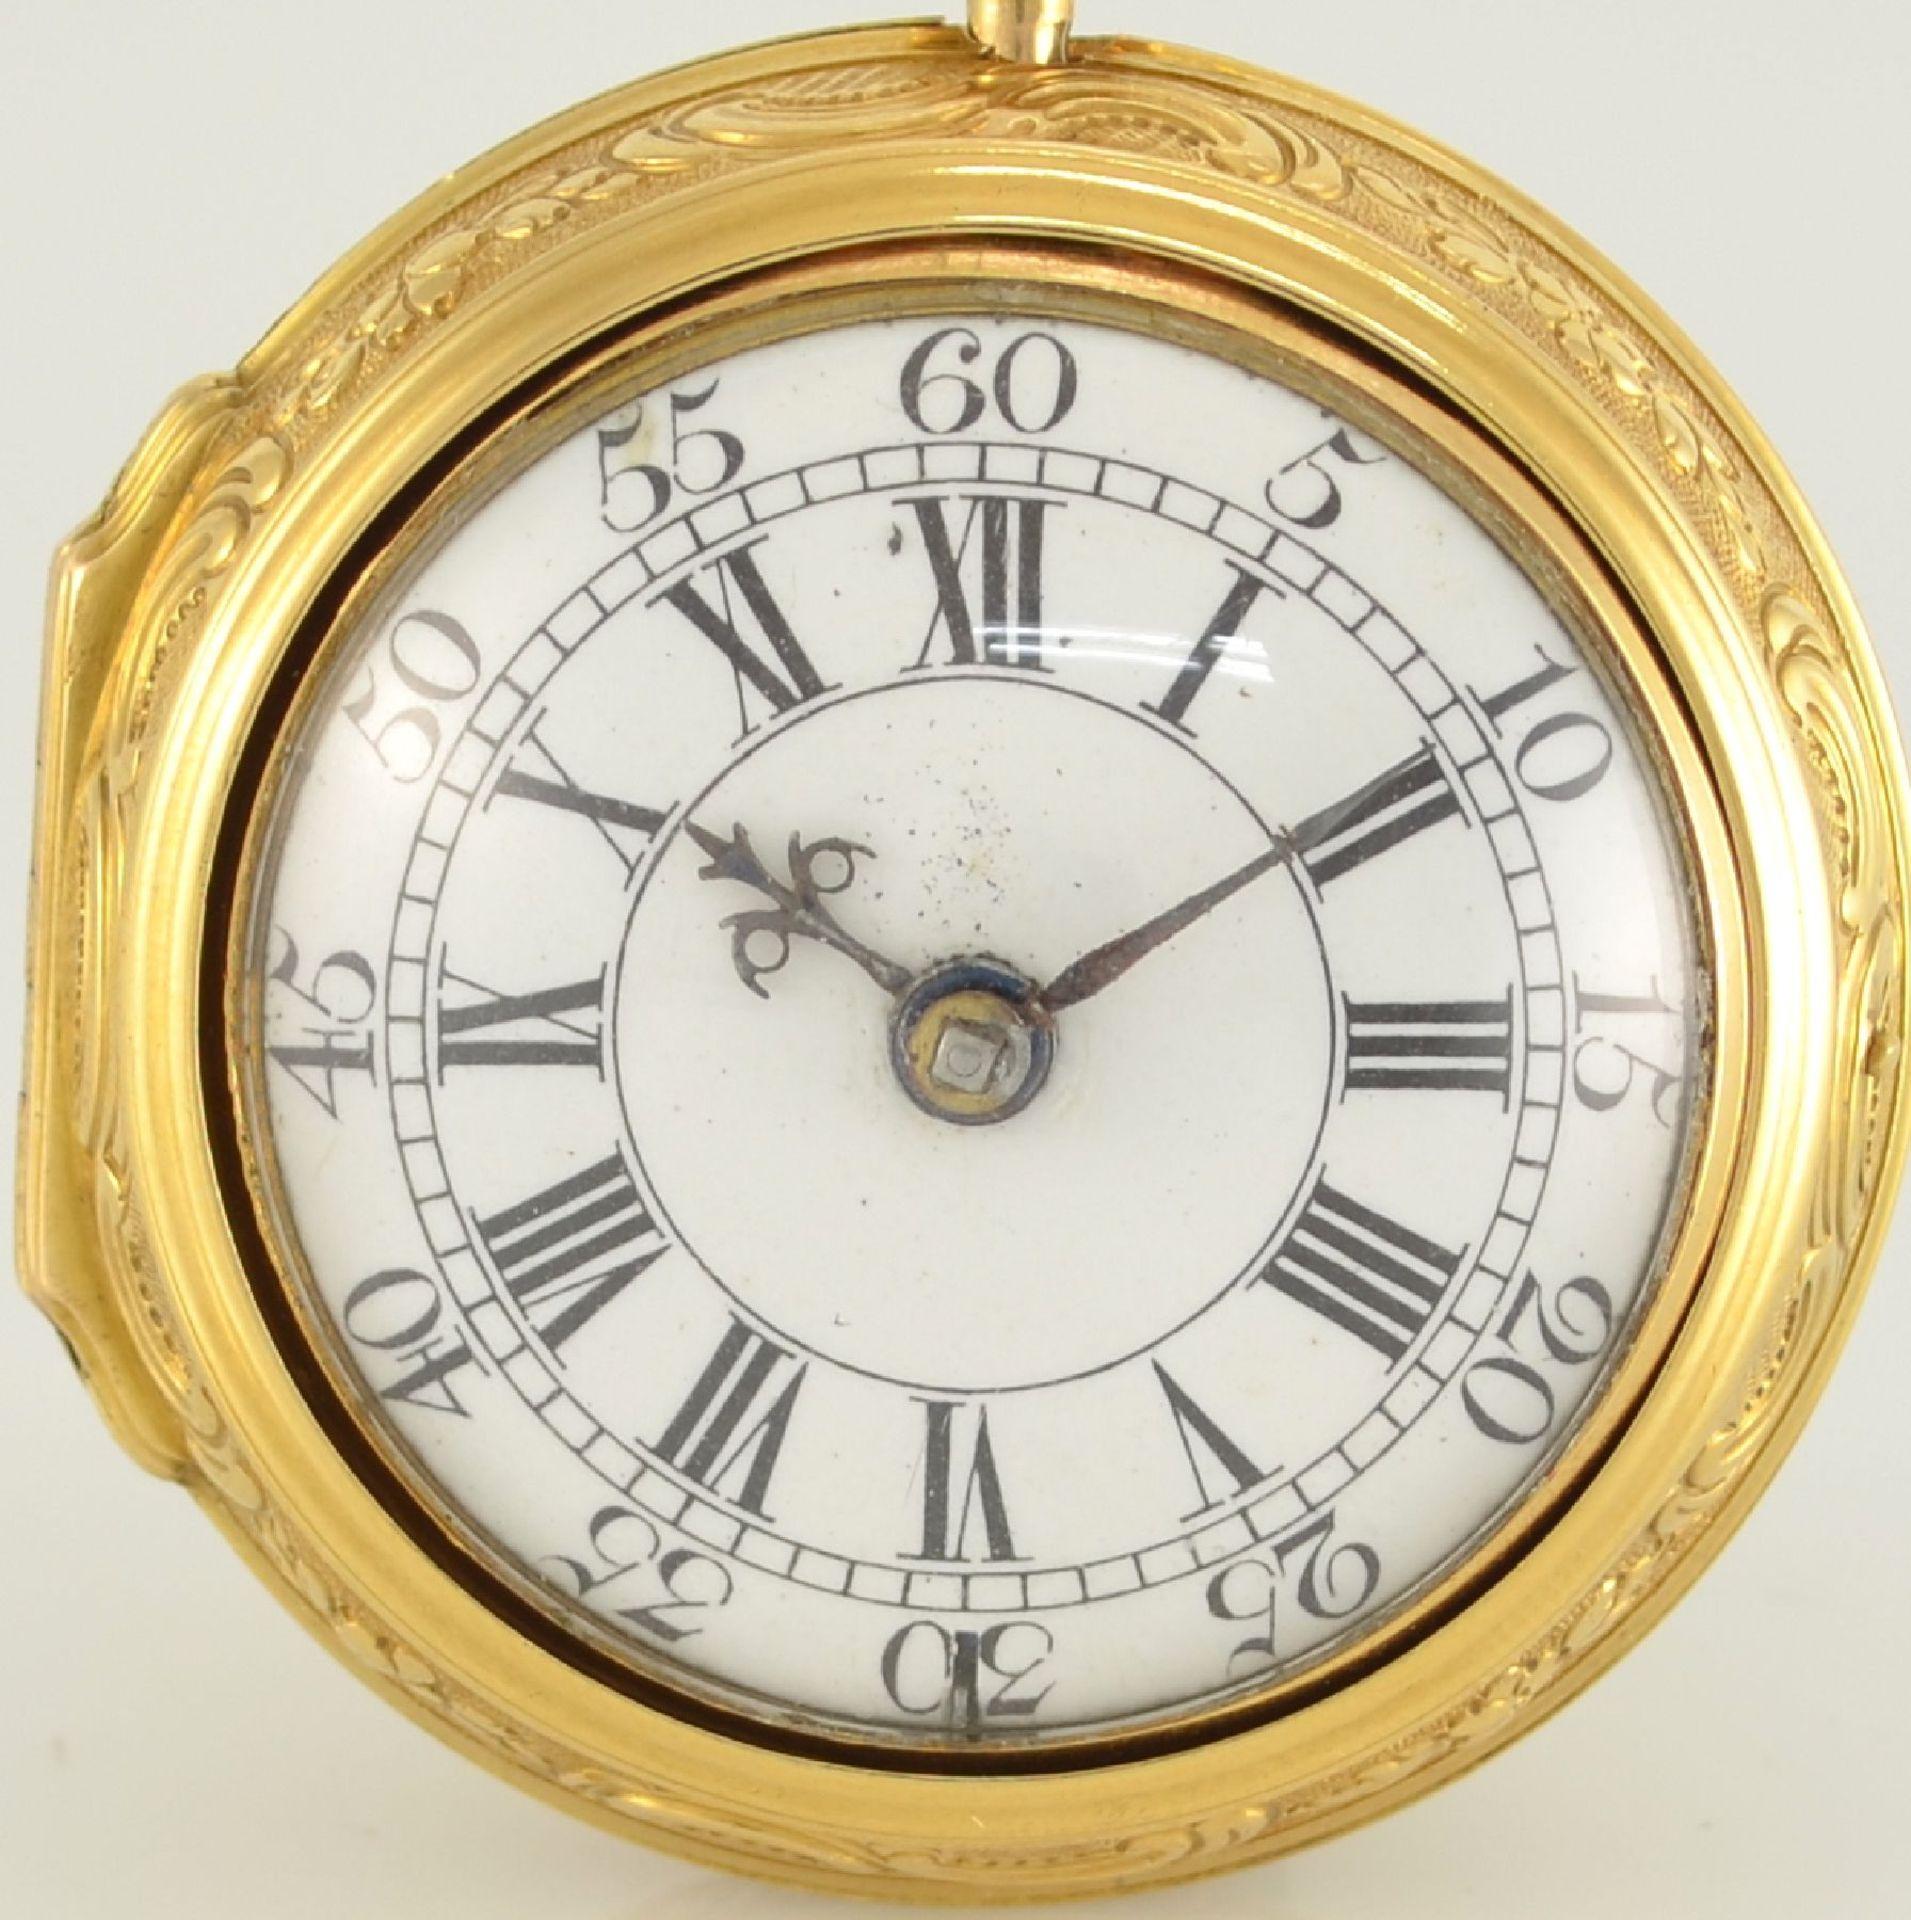 J. SNELLING London offene Taschenuhr in GG 750/000 mit Repoussée-Übergehäuse, um 1740, - Bild 2 aus 10